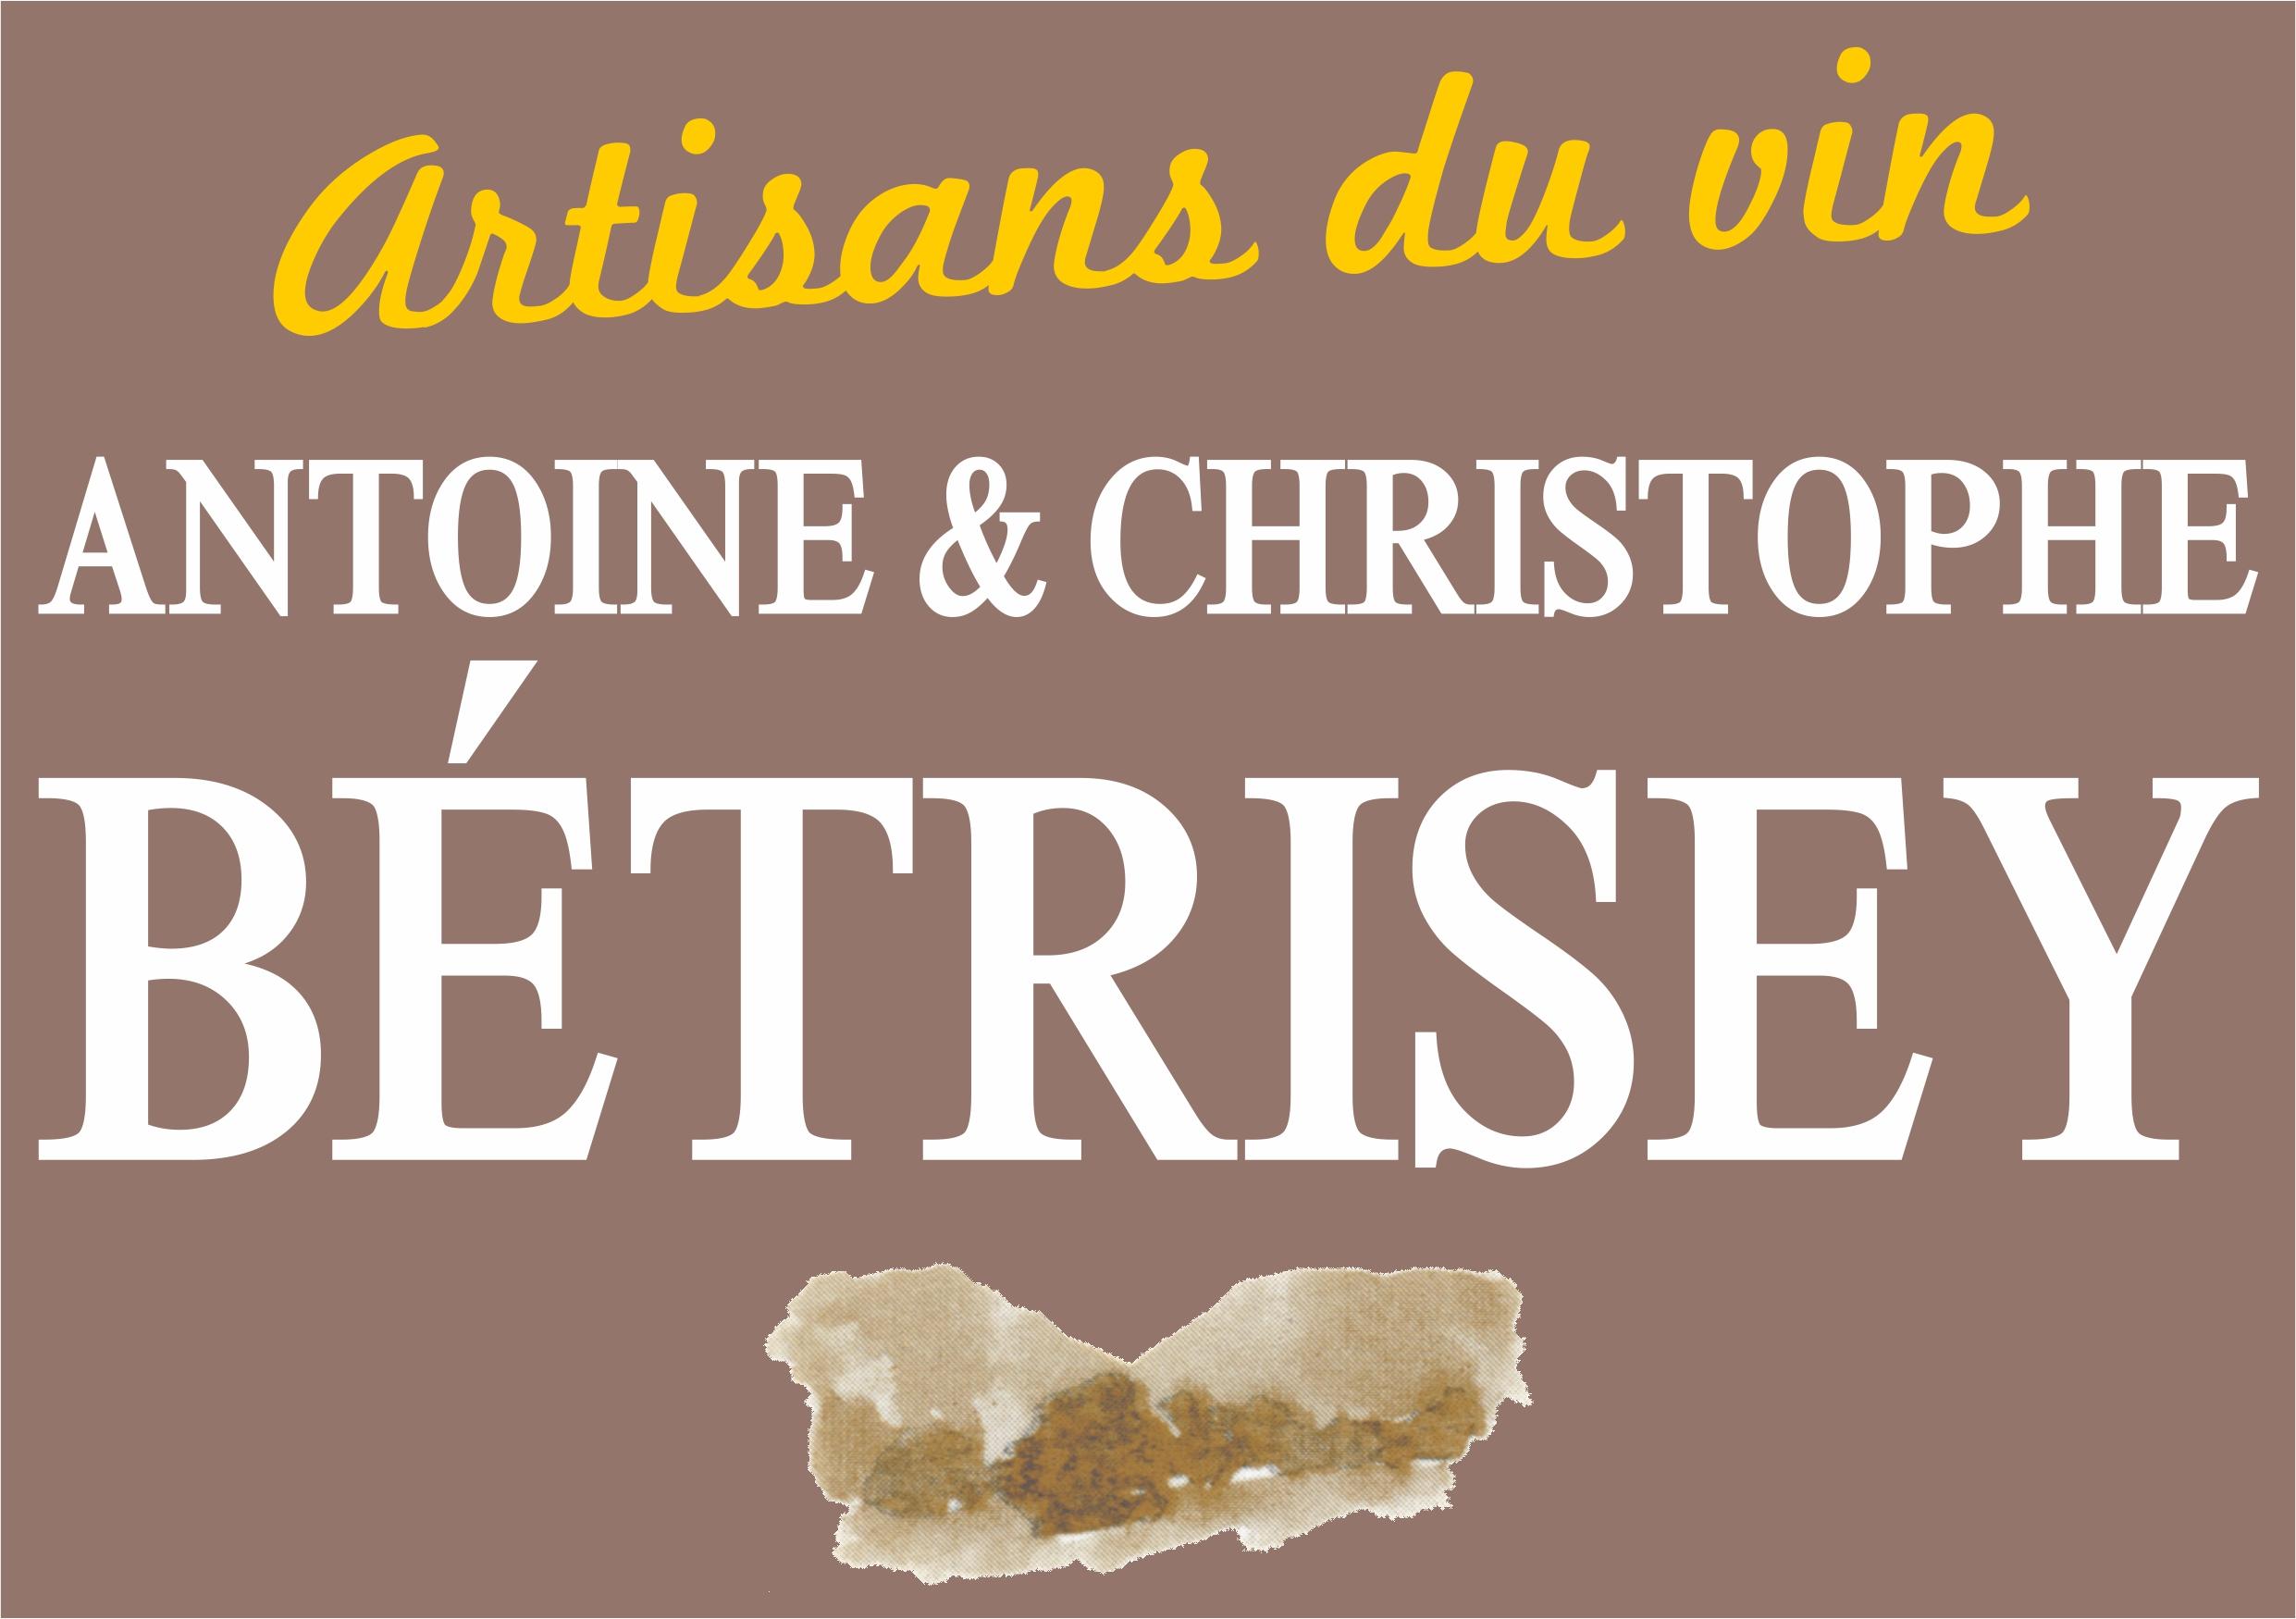 Bétrisey Antoine et Christophe